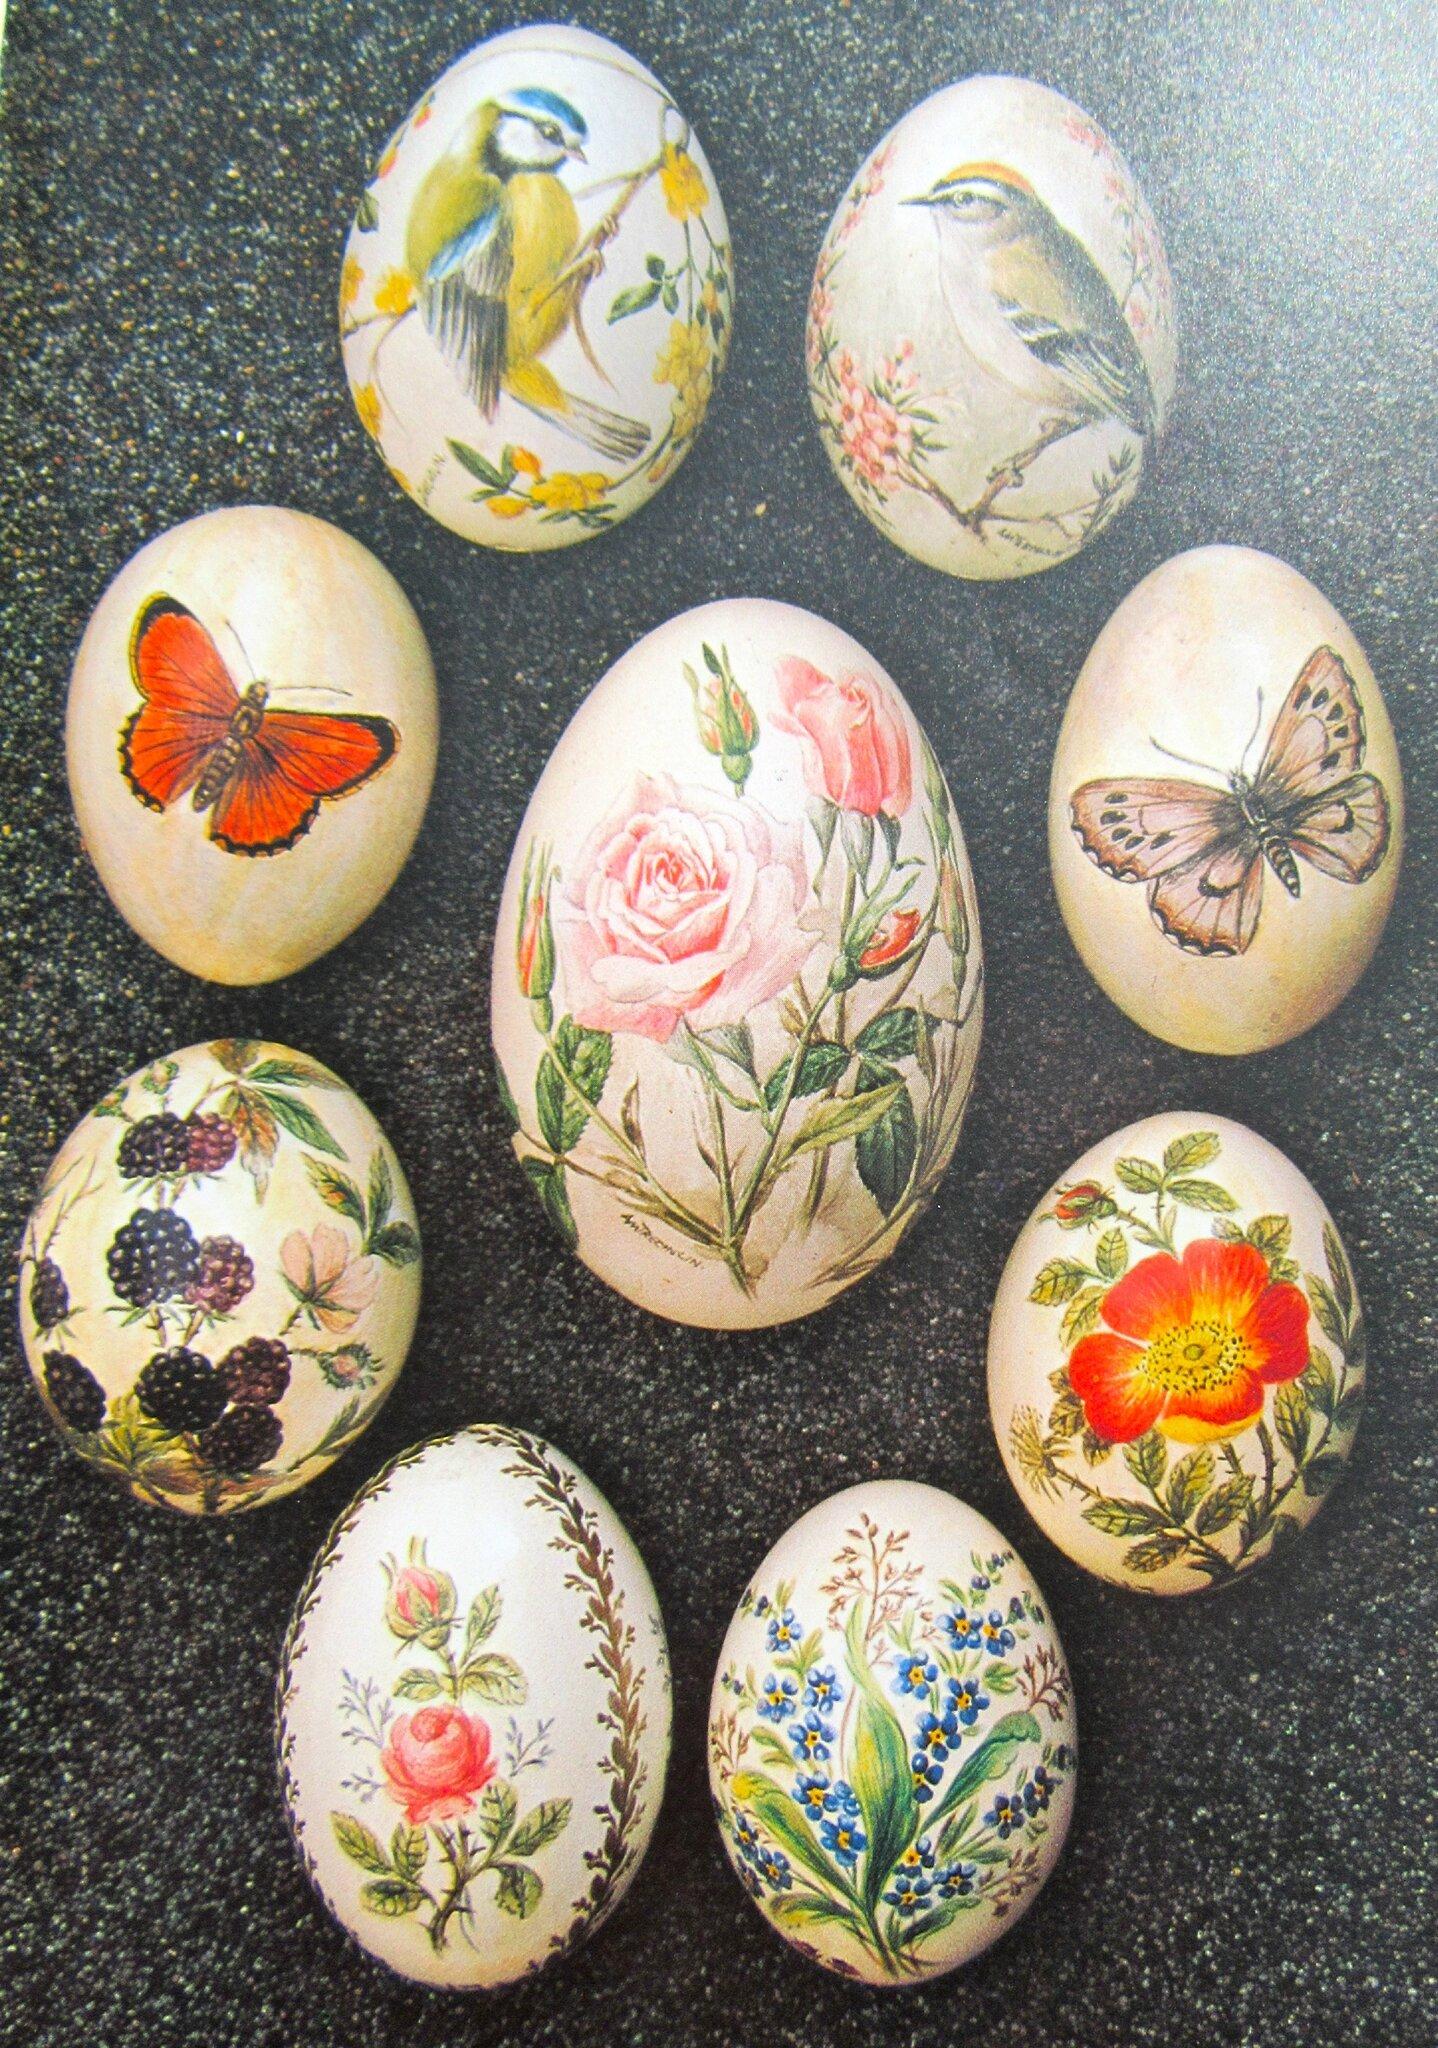 Décoration des oeufs de Pâques.